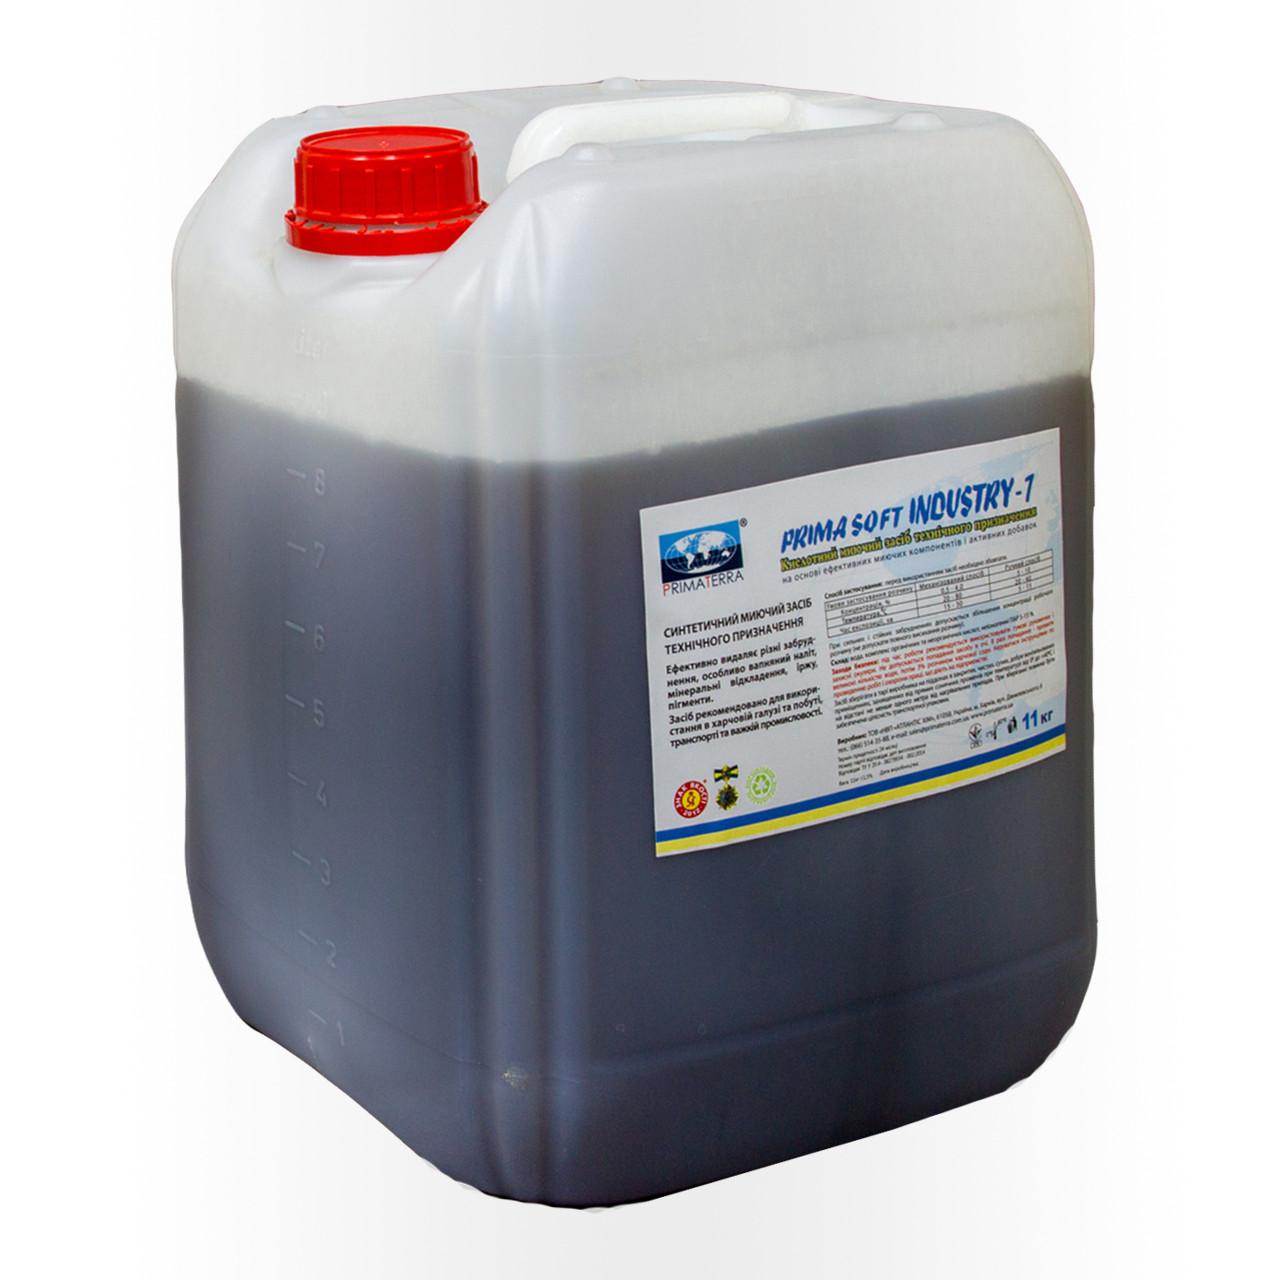 Для удаления отложений, ржавчины, водного камня, концентрат Industry-1 (11кг)